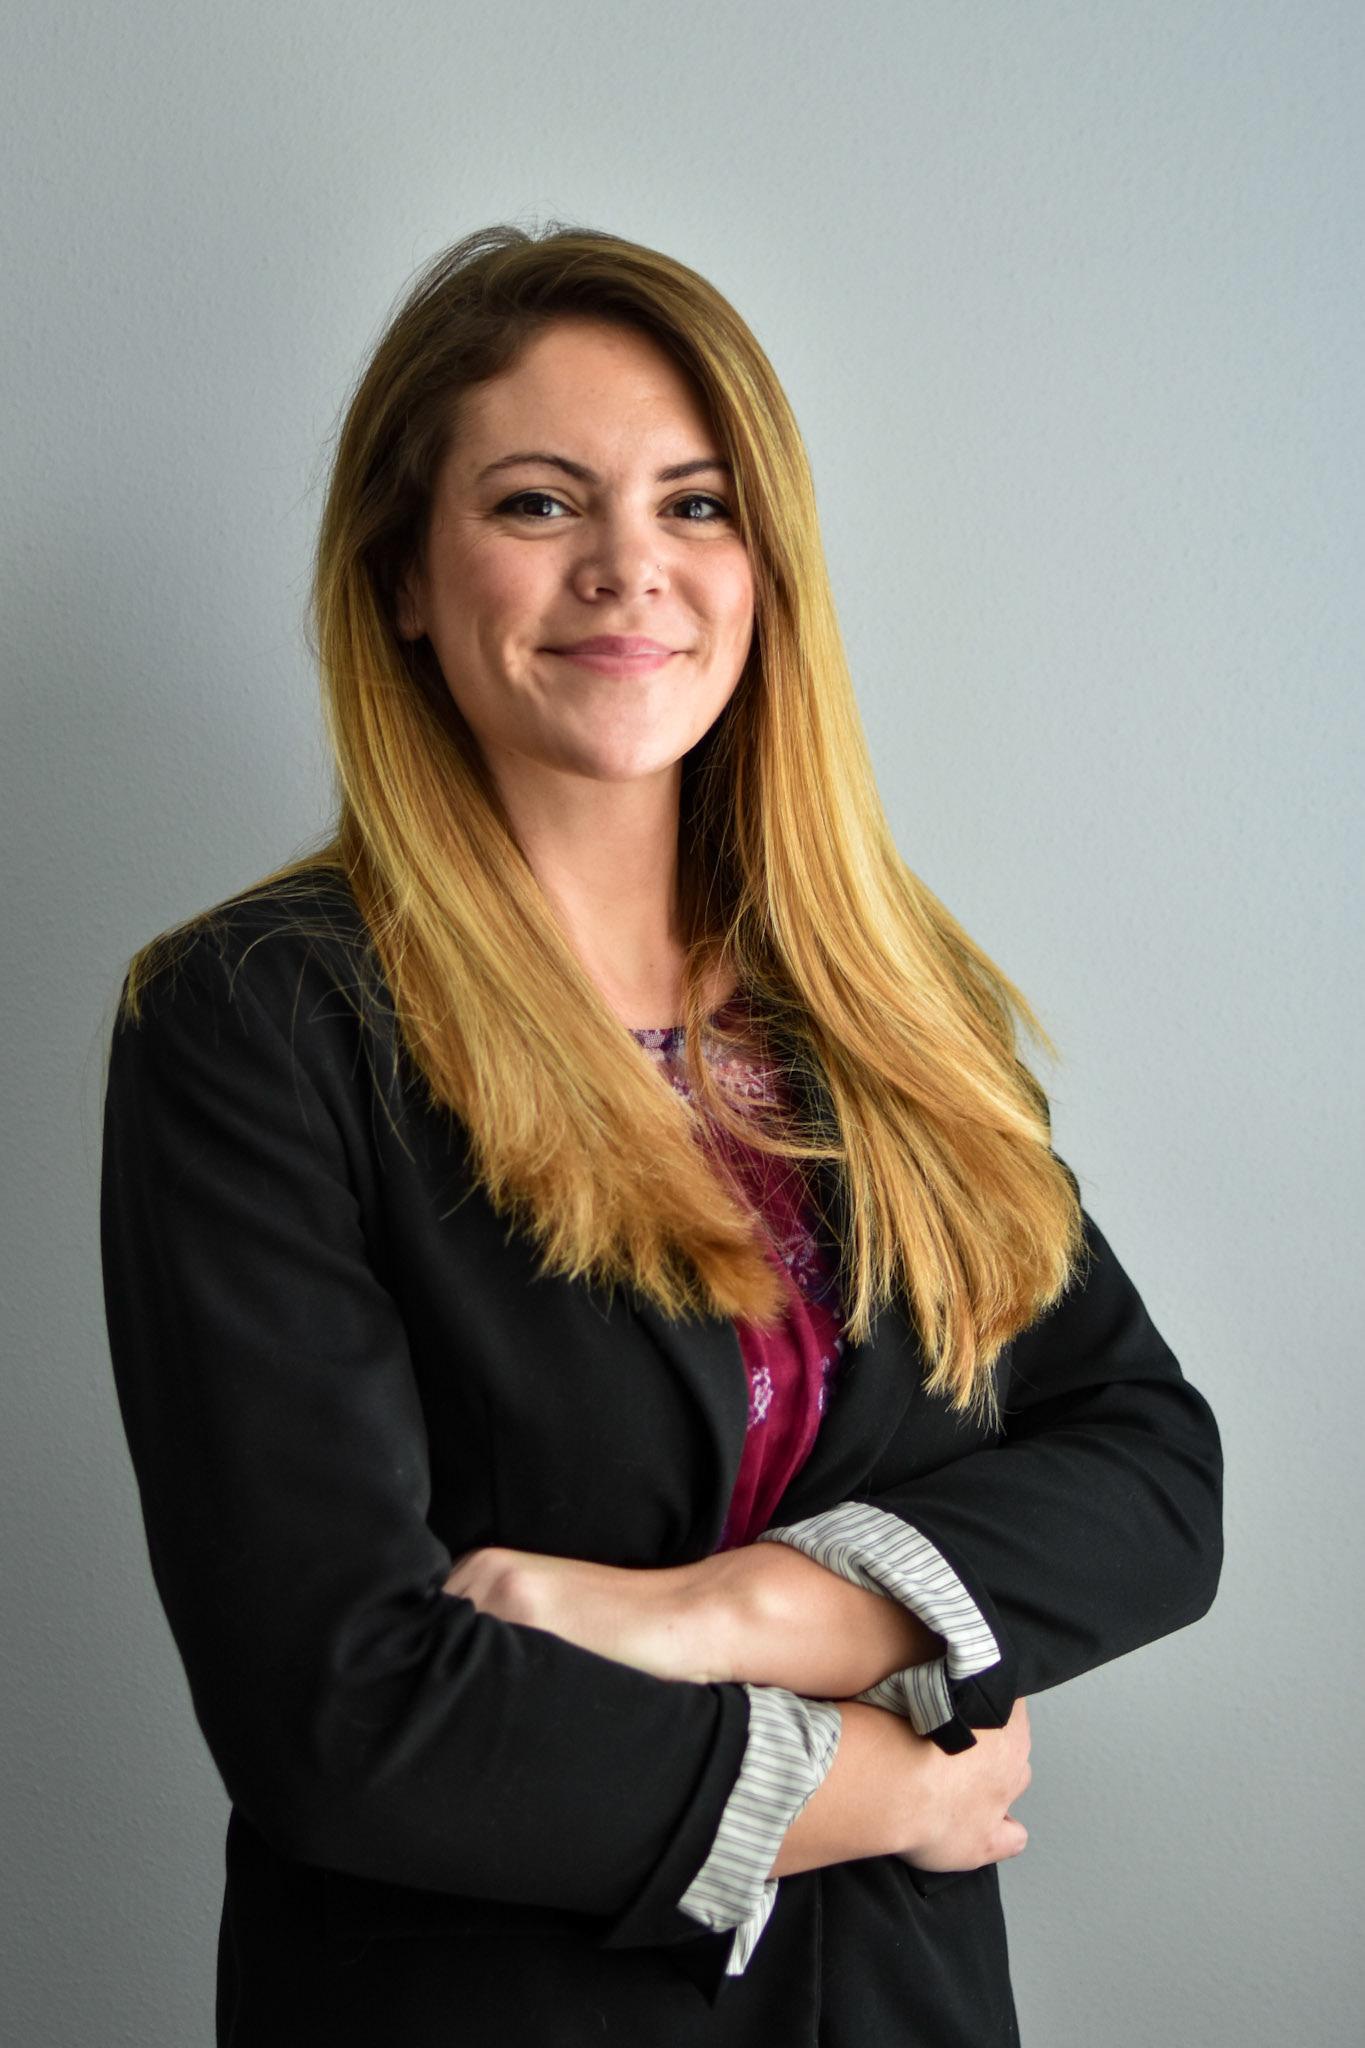 NATASHA HILLMAN | LPC, CSAC